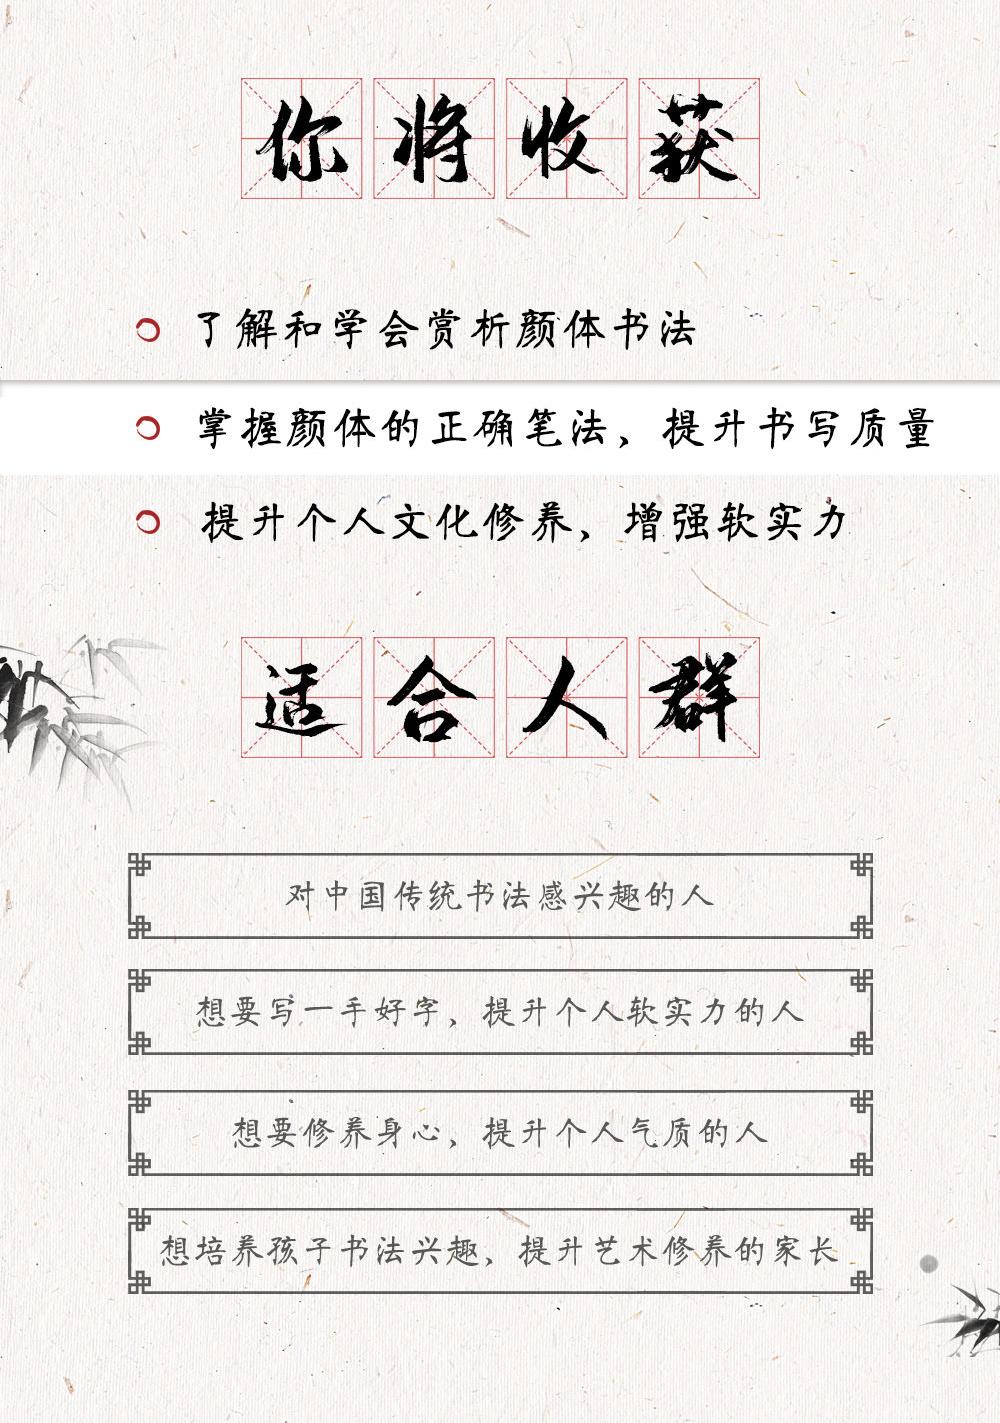 蜂蜜浏览器_毛笔楷书(颜真卿)详情页_08